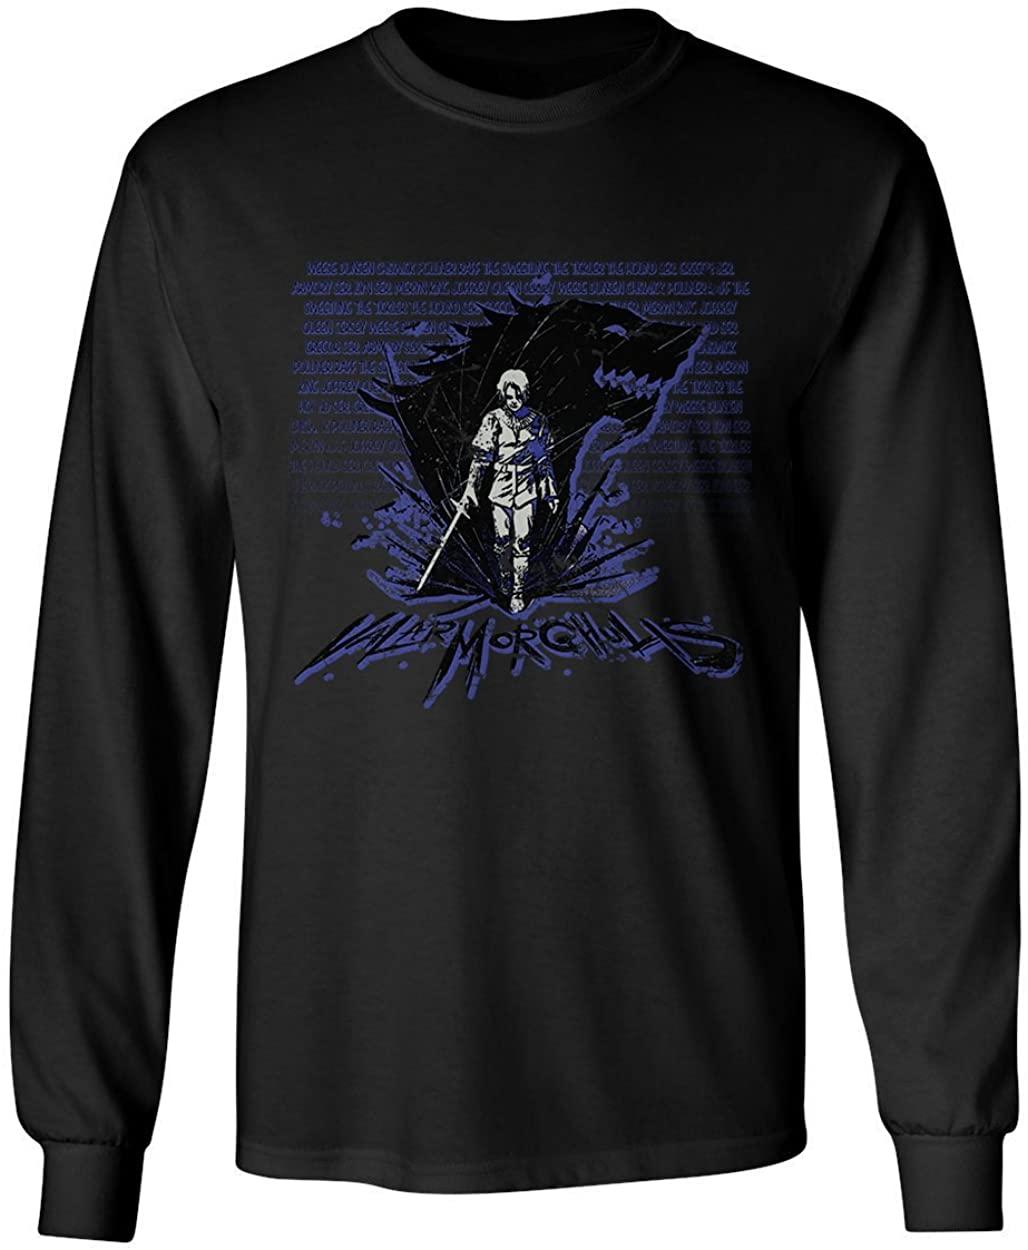 RIVEBELLA New Graphic Shirt Arya Stark Valar Morghulis Novelty Tee Thrones Men's Long Sleeve T-Shirt